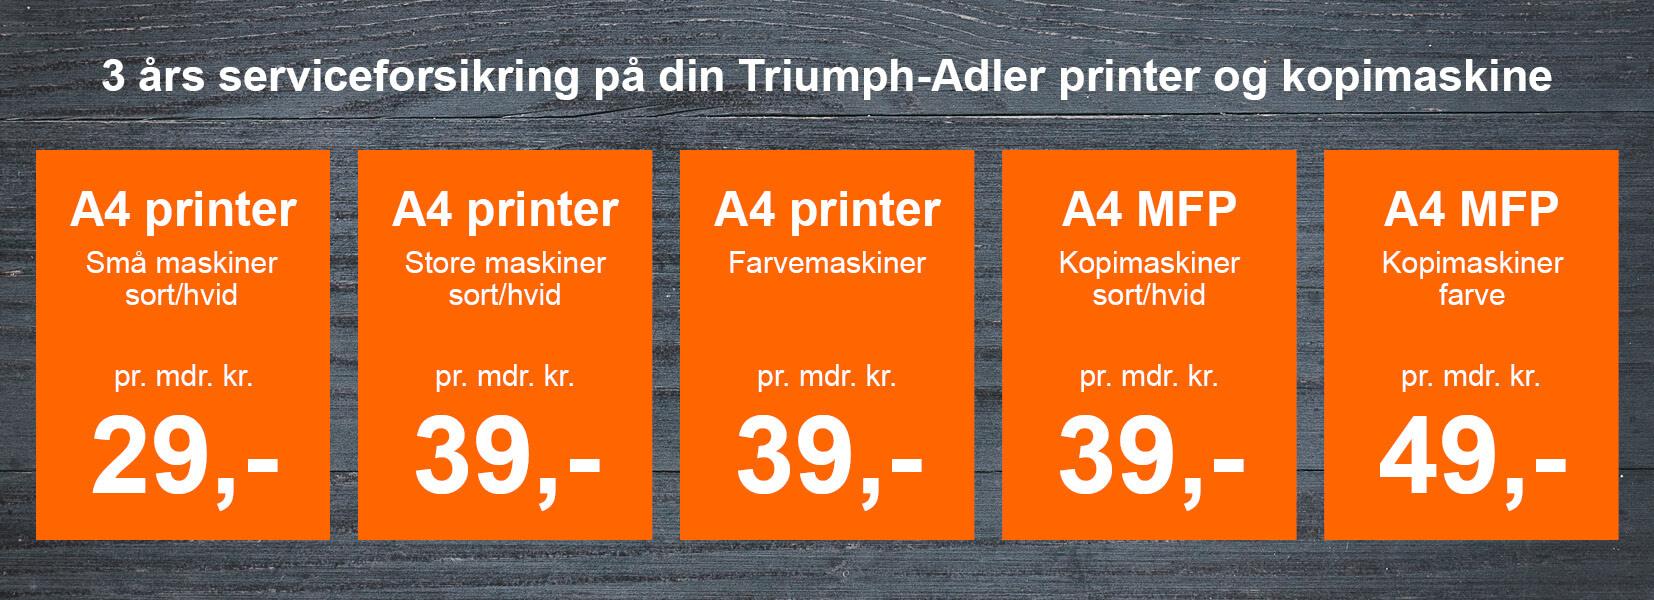 Triump-Adler serviceforsikring